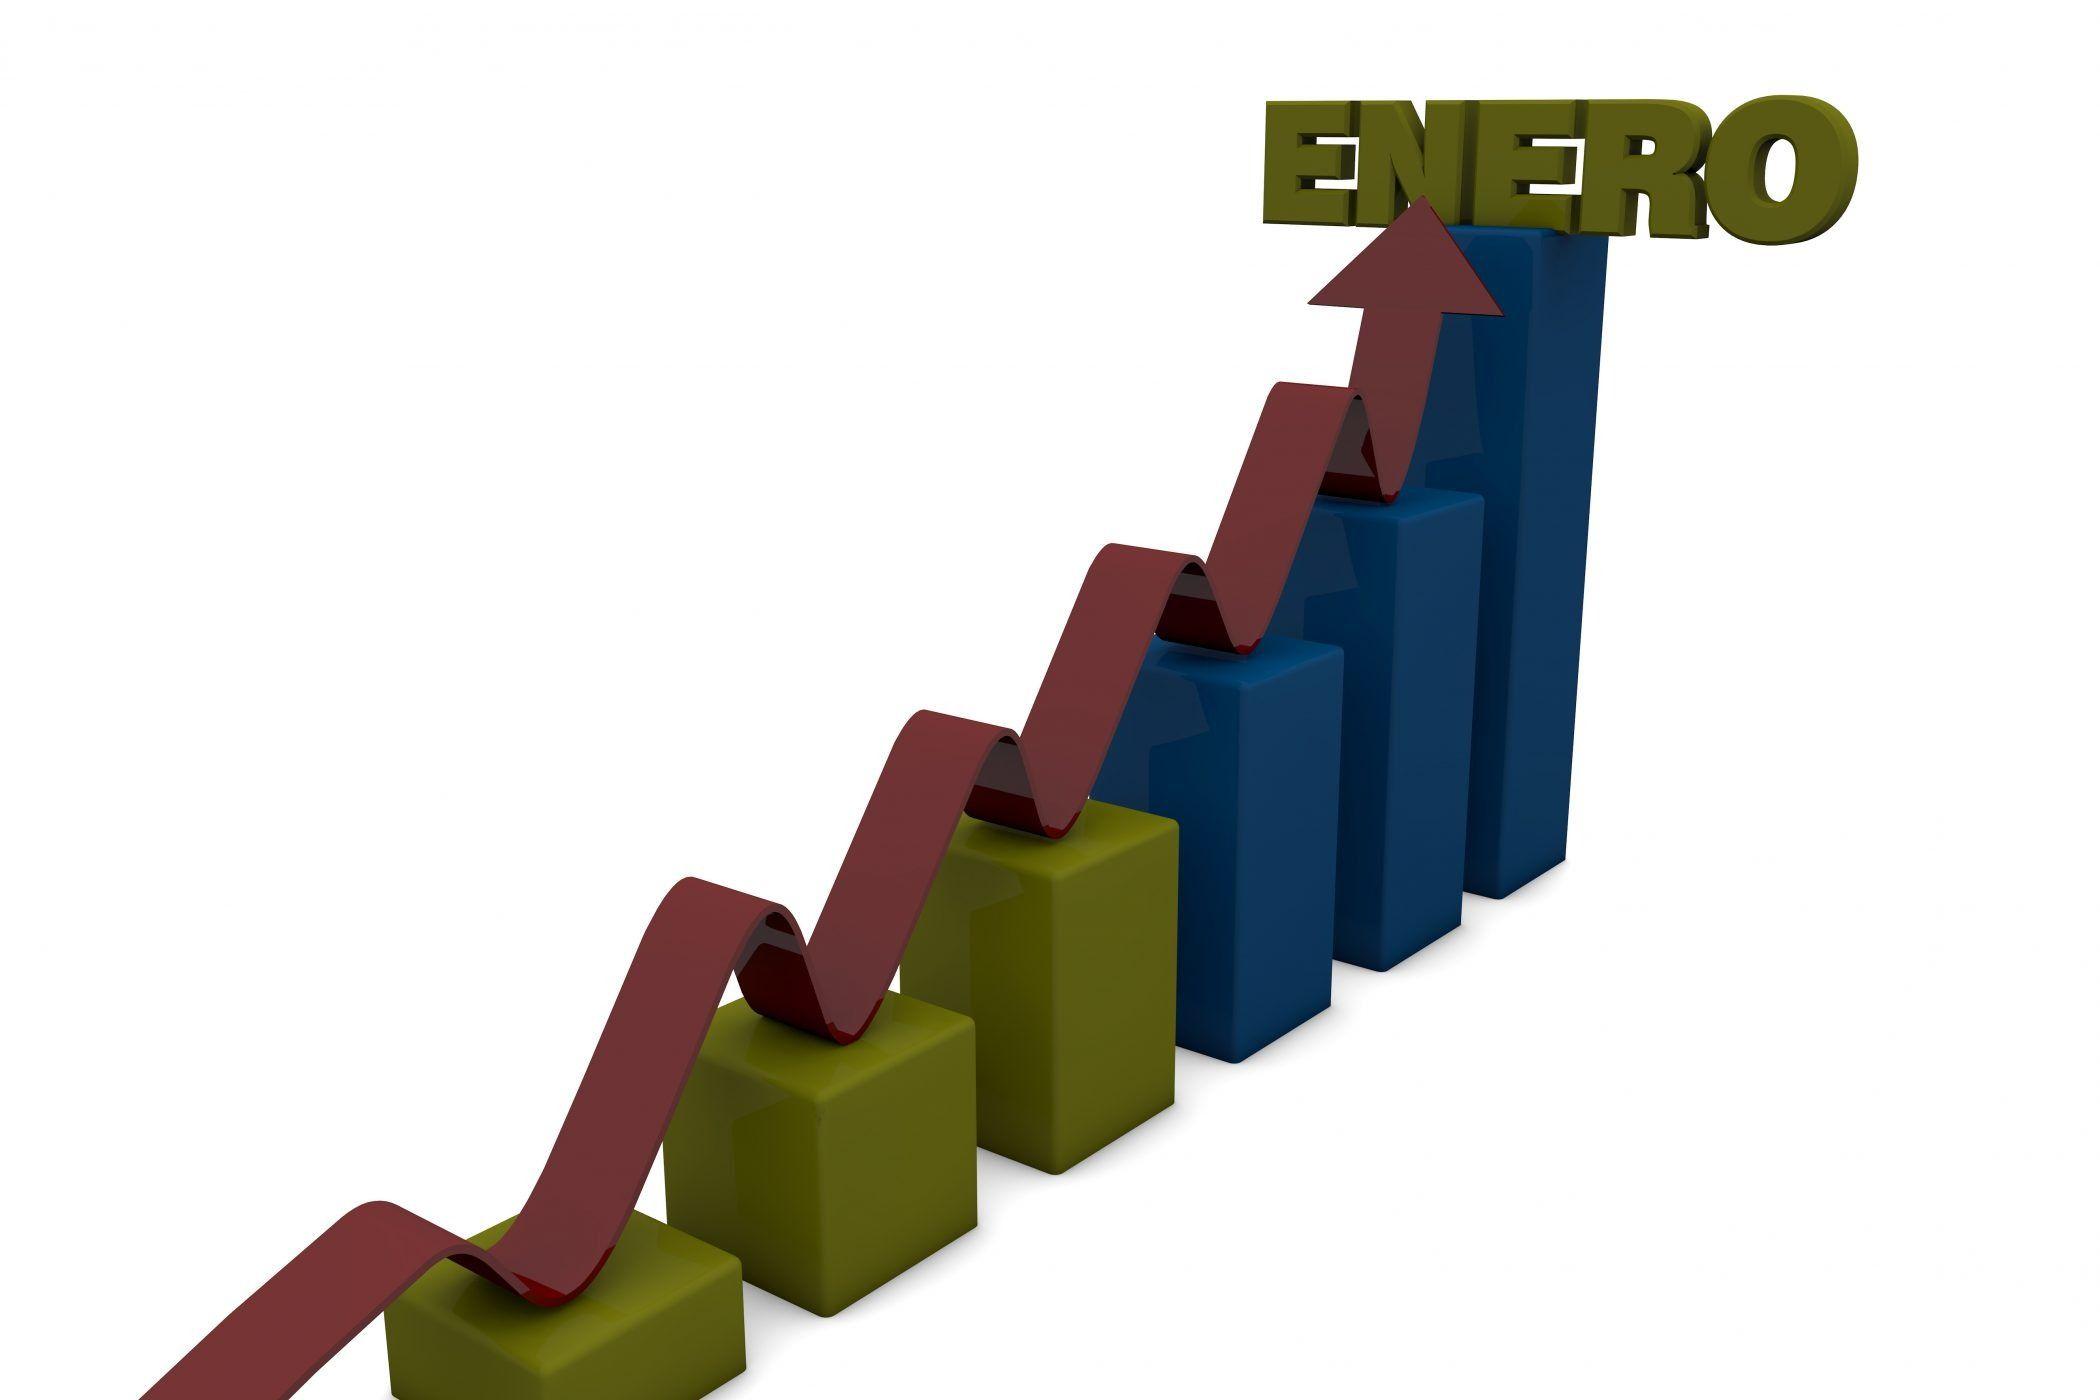 Cuesta de Enero: Reduce Gastos en Alquiler de Vivienda